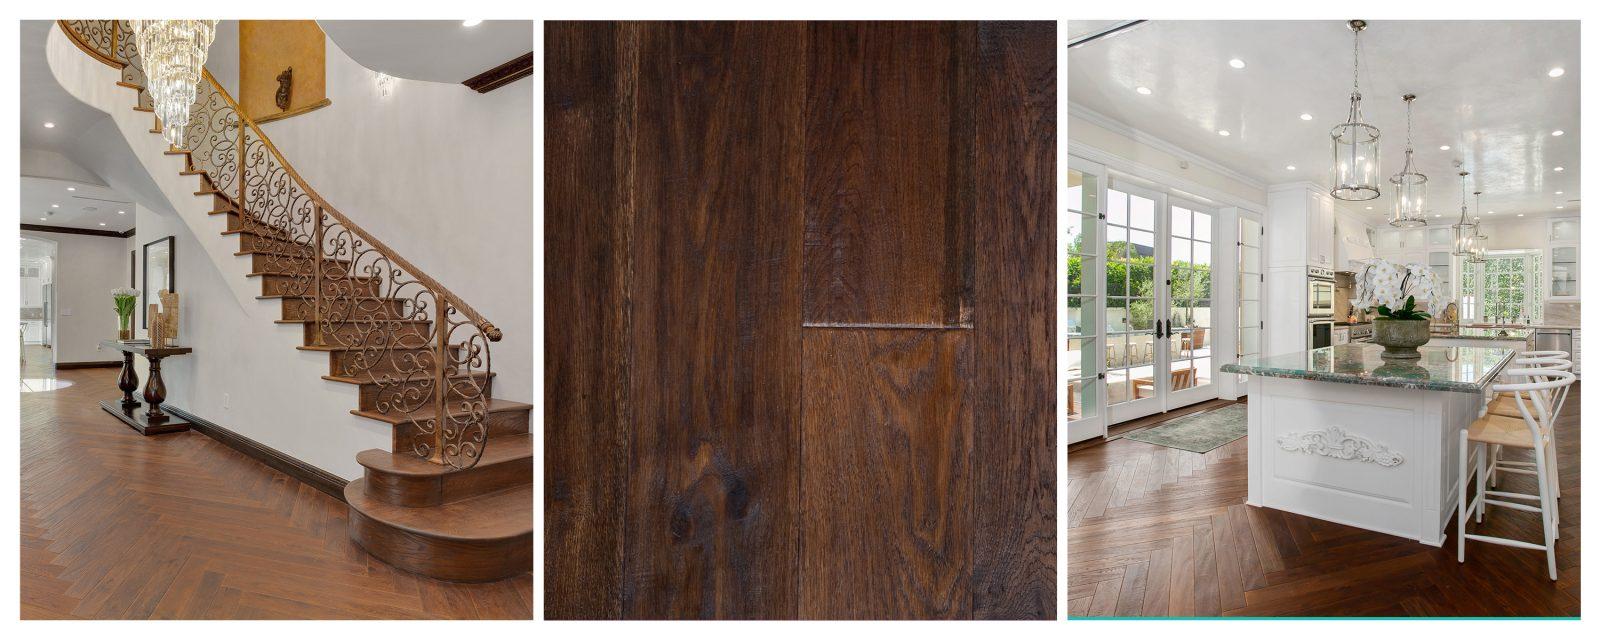 Hardwood Floor Trend - Brown Hardwood Flooring